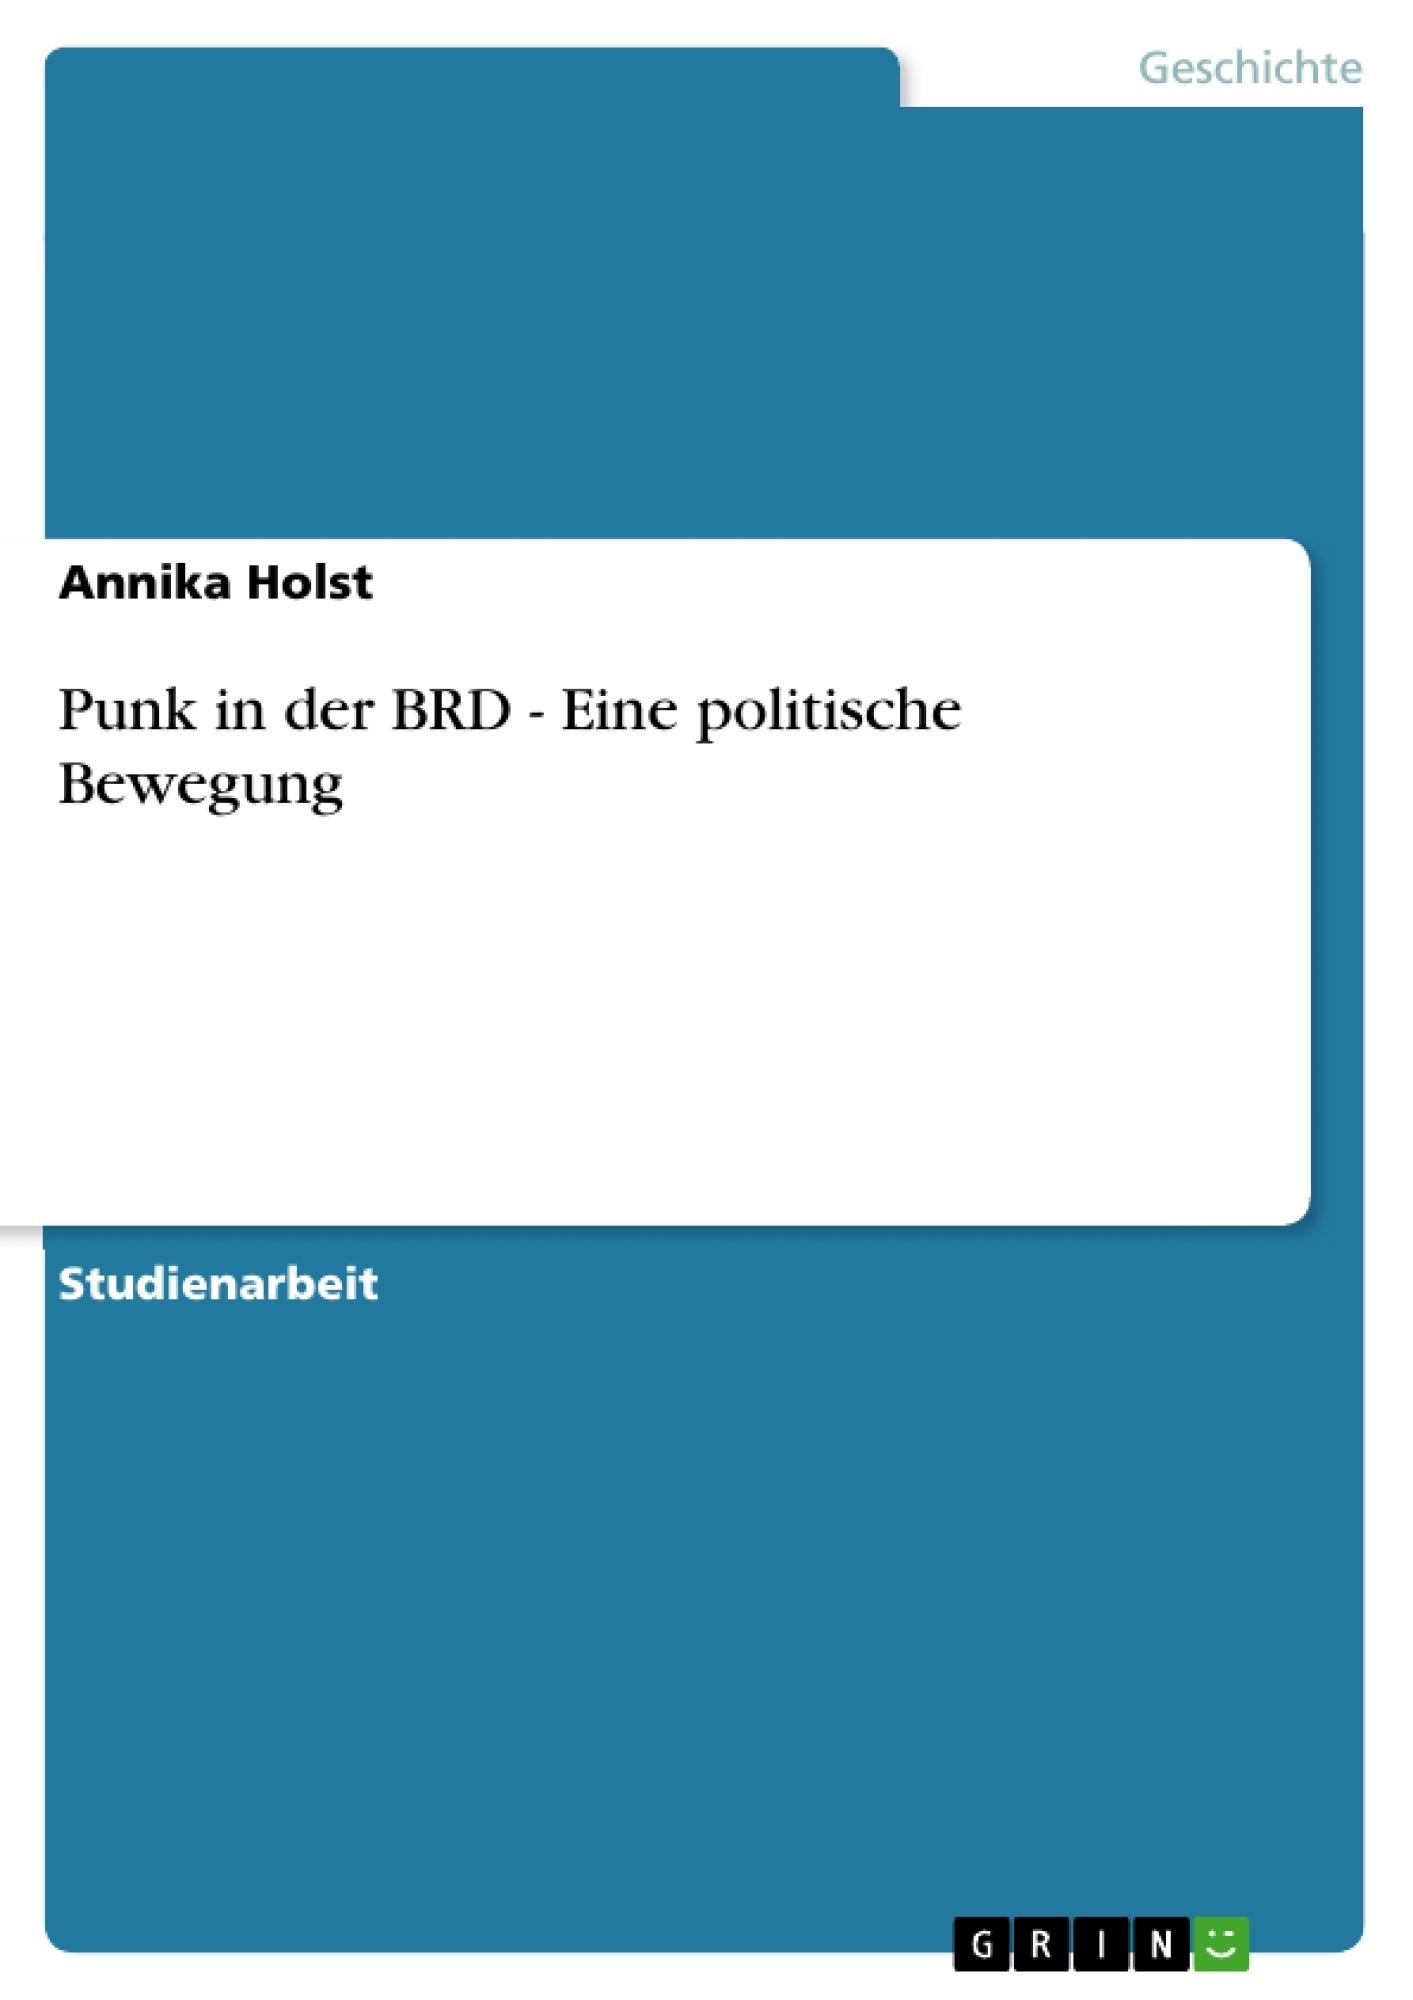 Titel: Punk in der BRD - Eine politische Bewegung